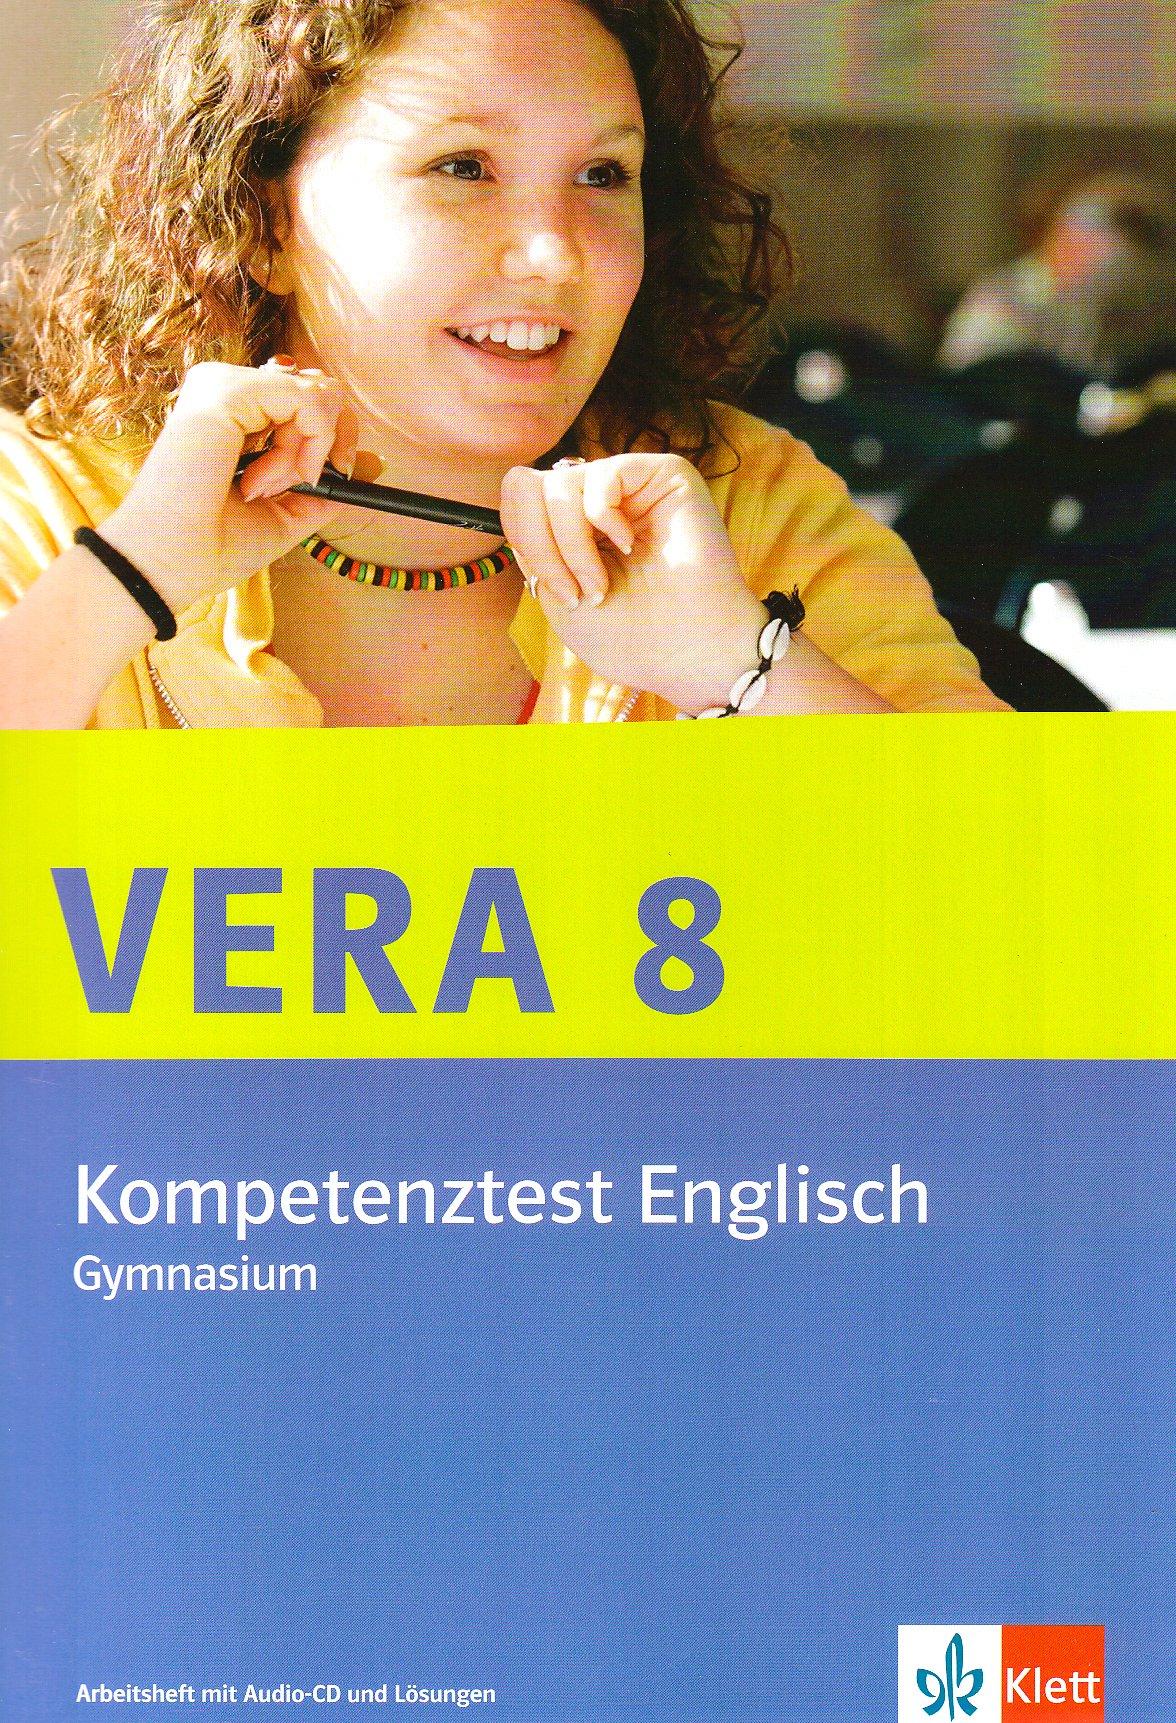 VERA 8 / Kompetenztest Englisch (Gymnasium): Arbeitsheft mit Audio-CD und Lösungen